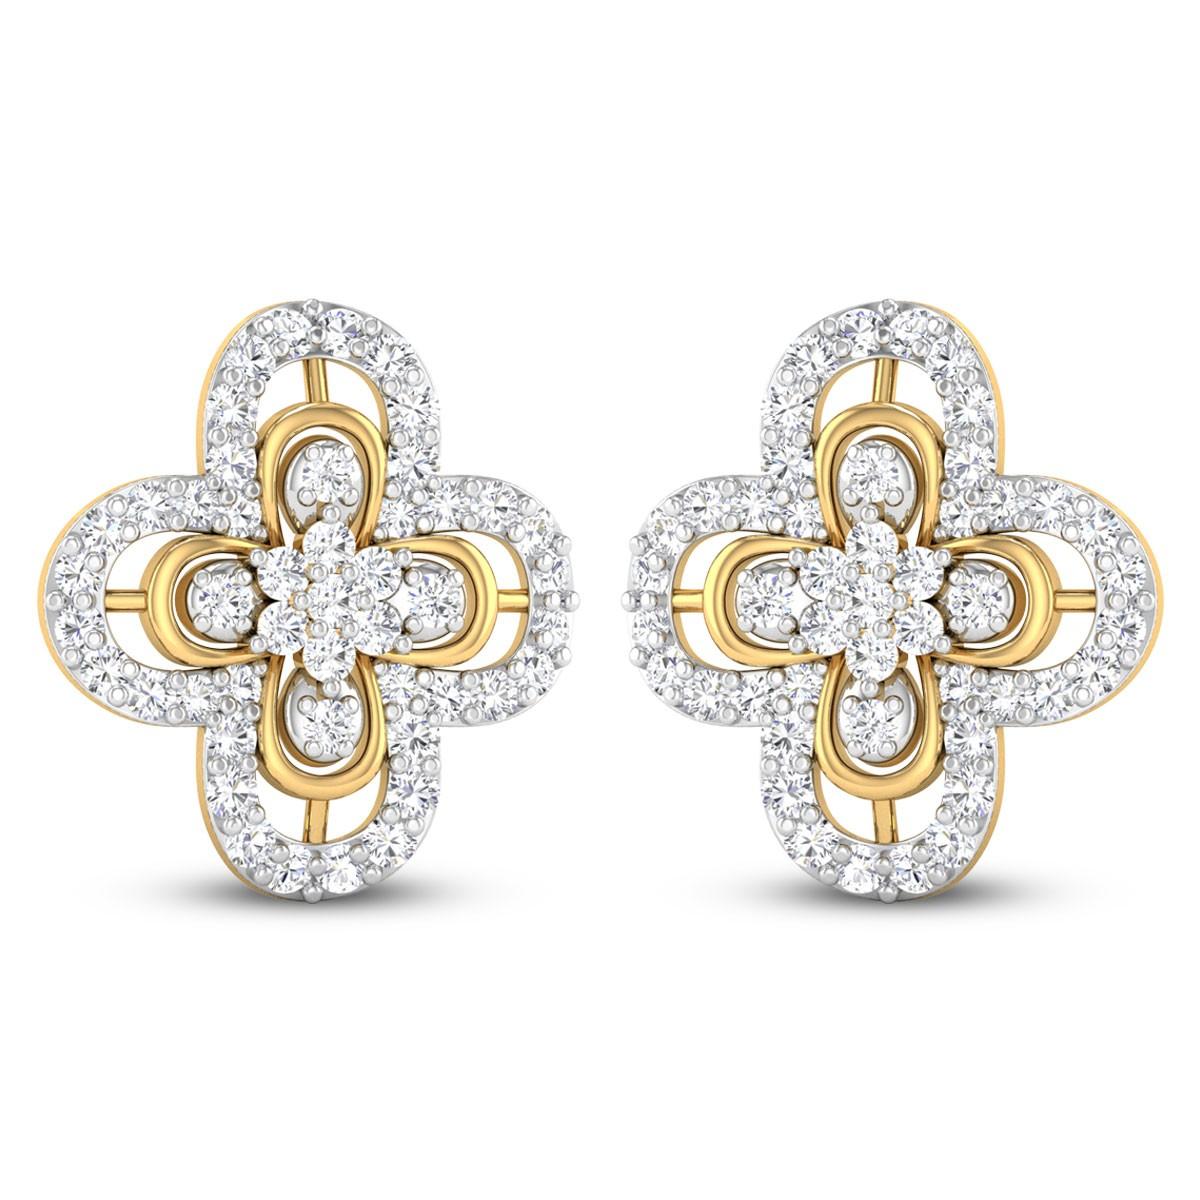 Greer Floral Diamond Stud Earrings